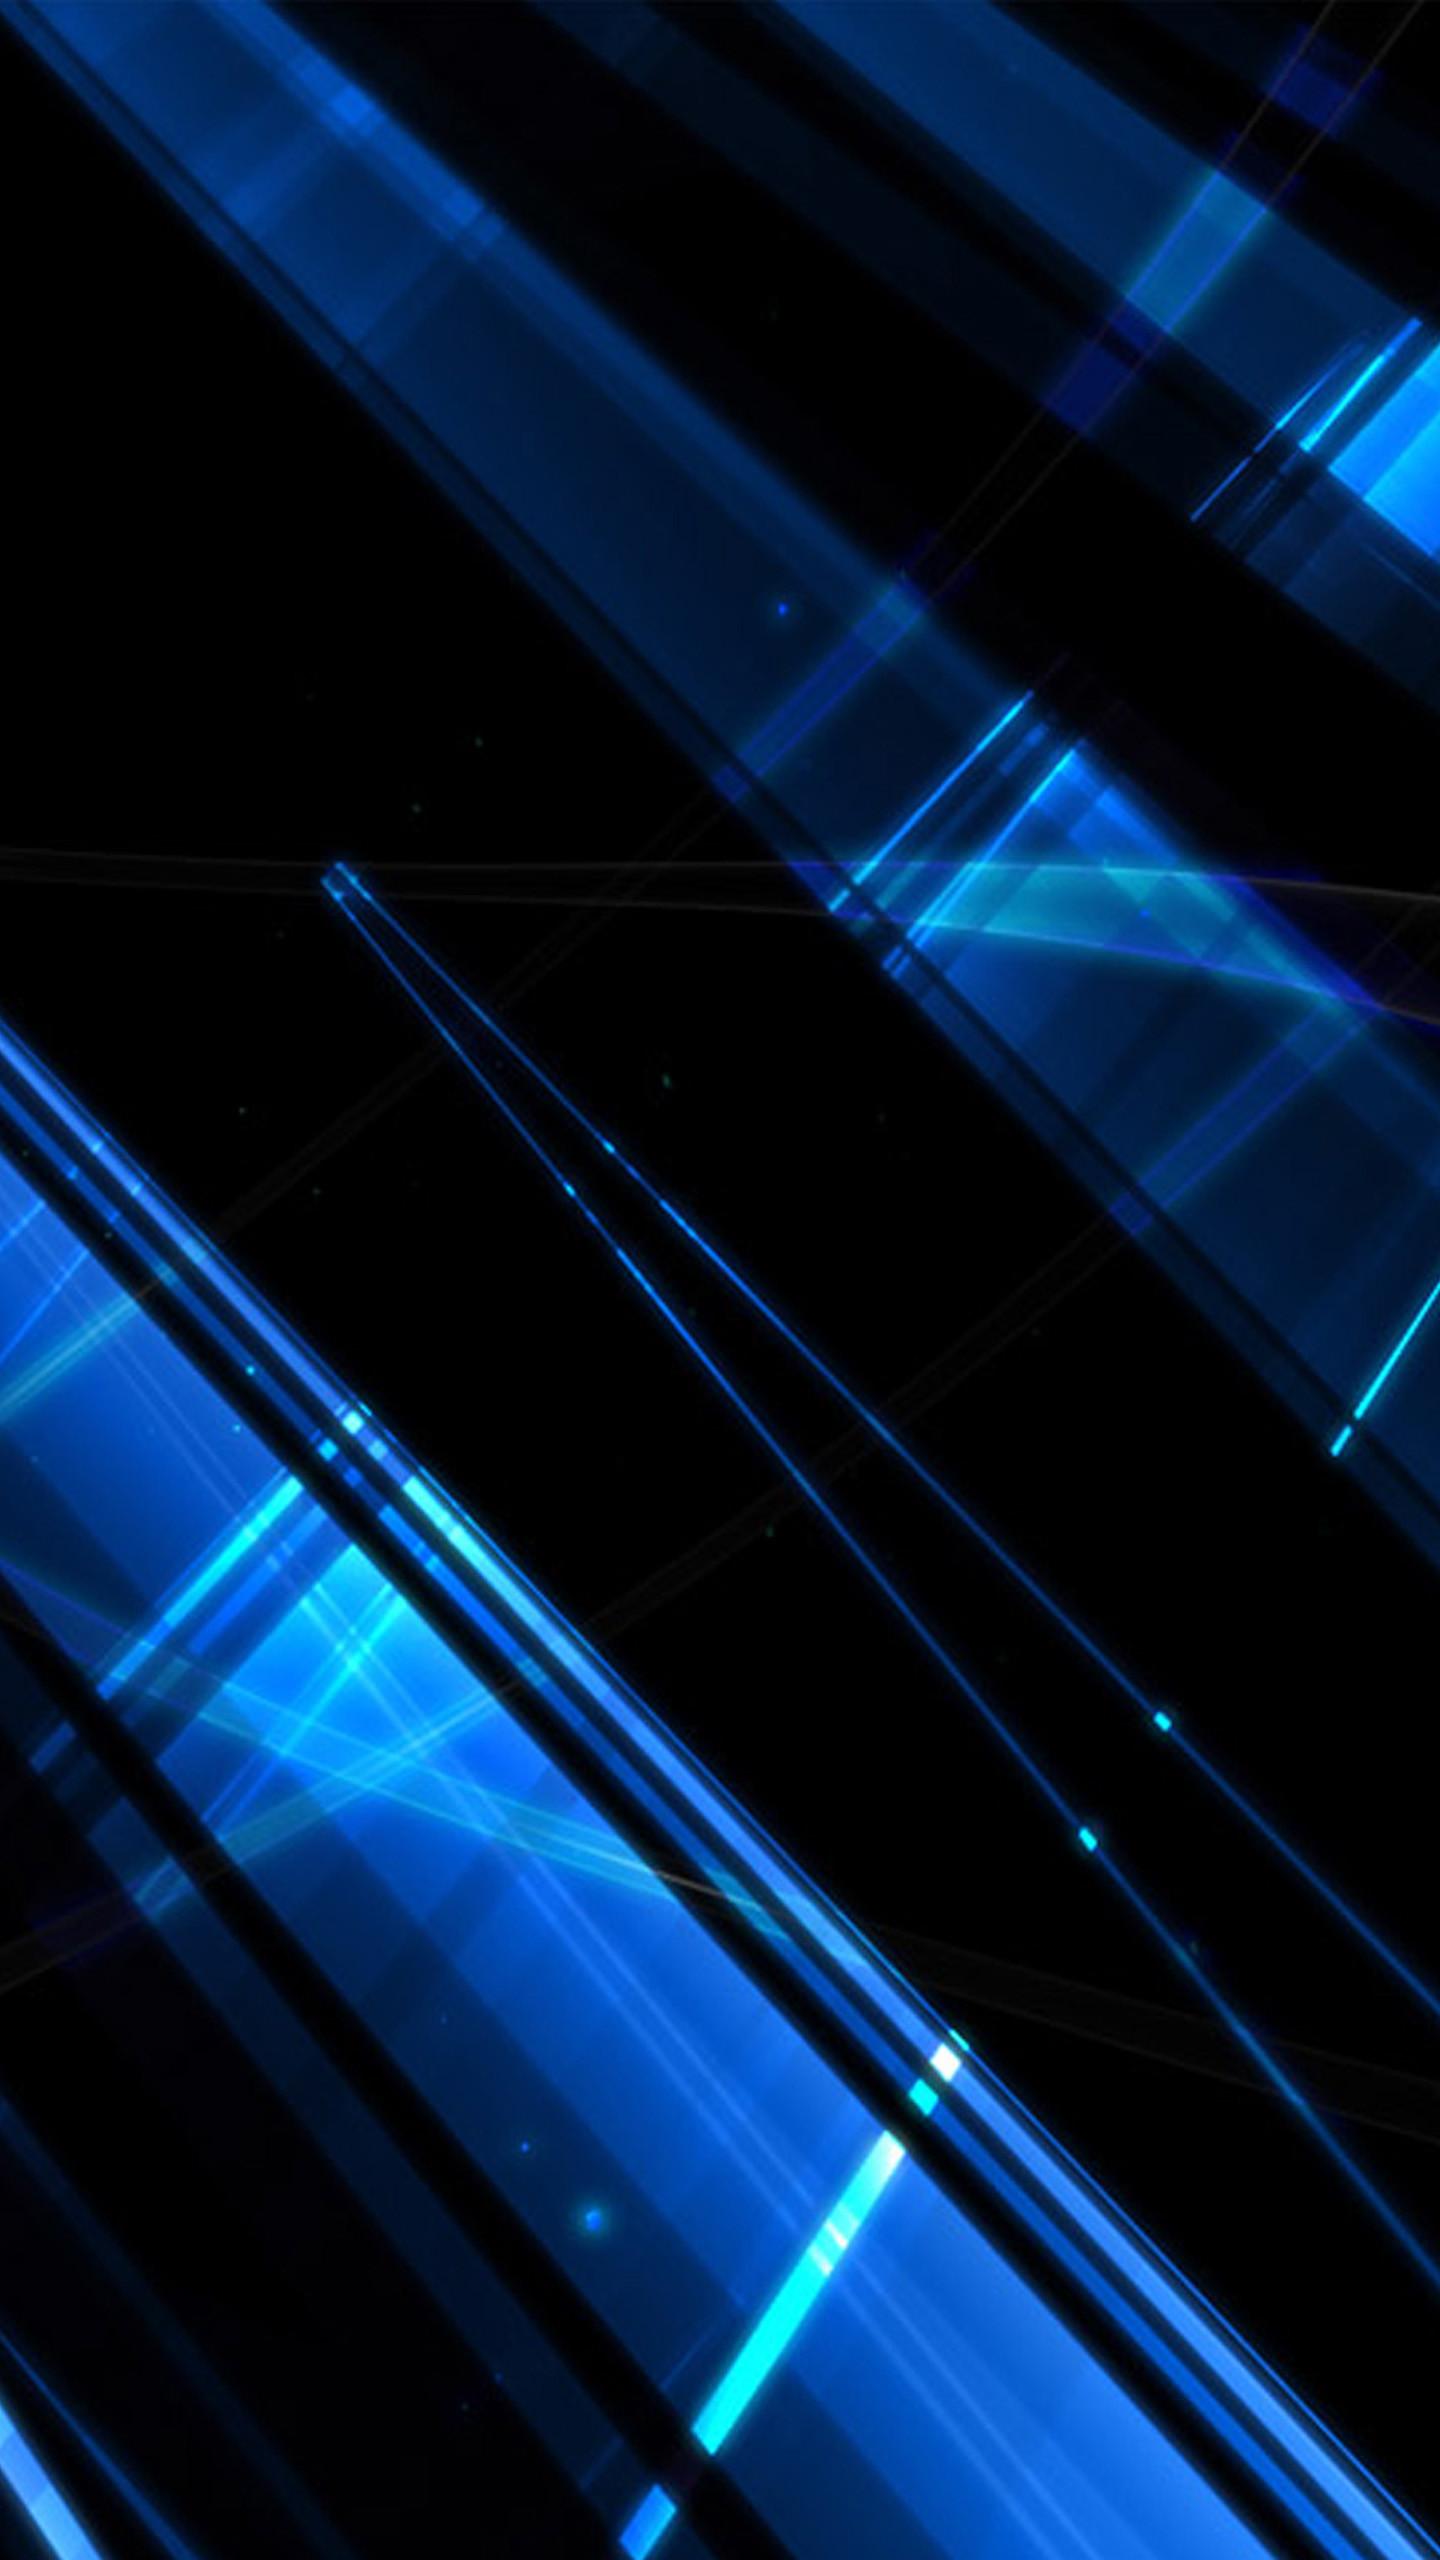 Blue angel Nexus 6 Wallpapers, Nexus 6 wallpapers and Backgrounds